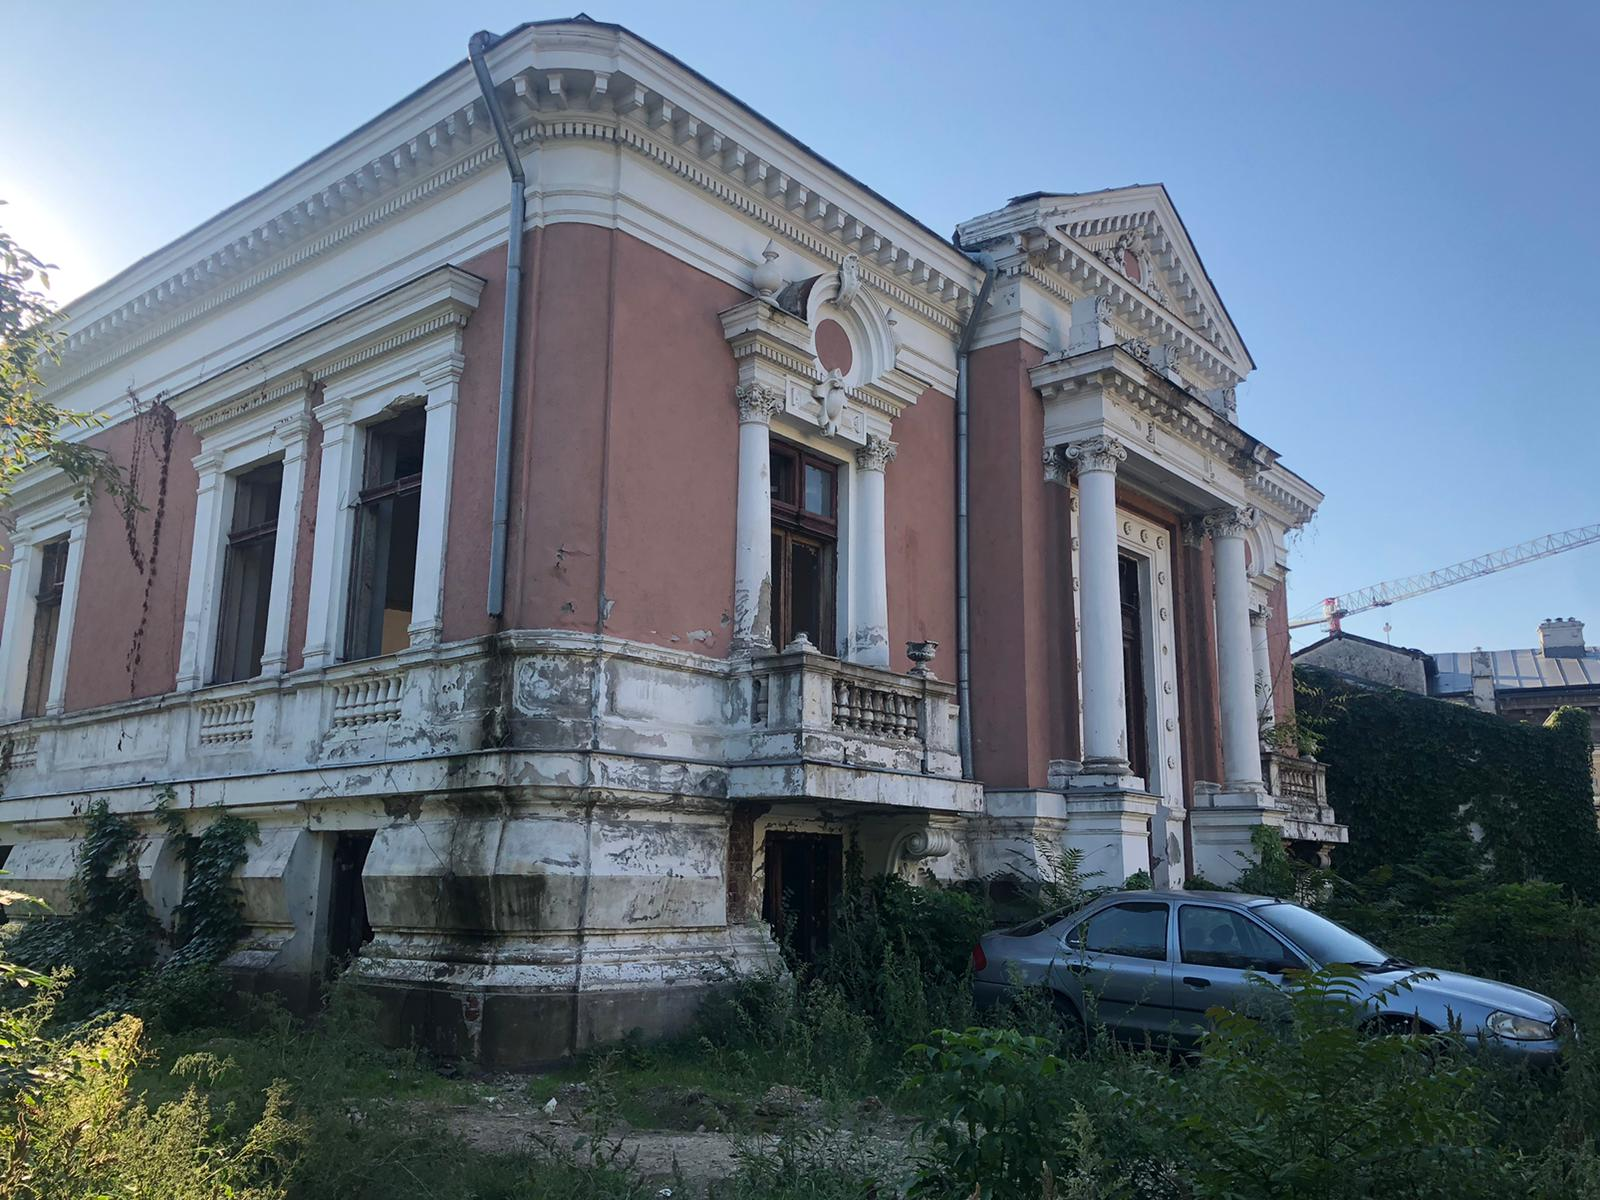 """Cinste nouă, vrednici suntem! Casa Primarului Dobrescu, """"Primarul Târnăcop"""", care-a făcut din București """"Micul Paris"""", a ajuns o ruină fără geamuri"""